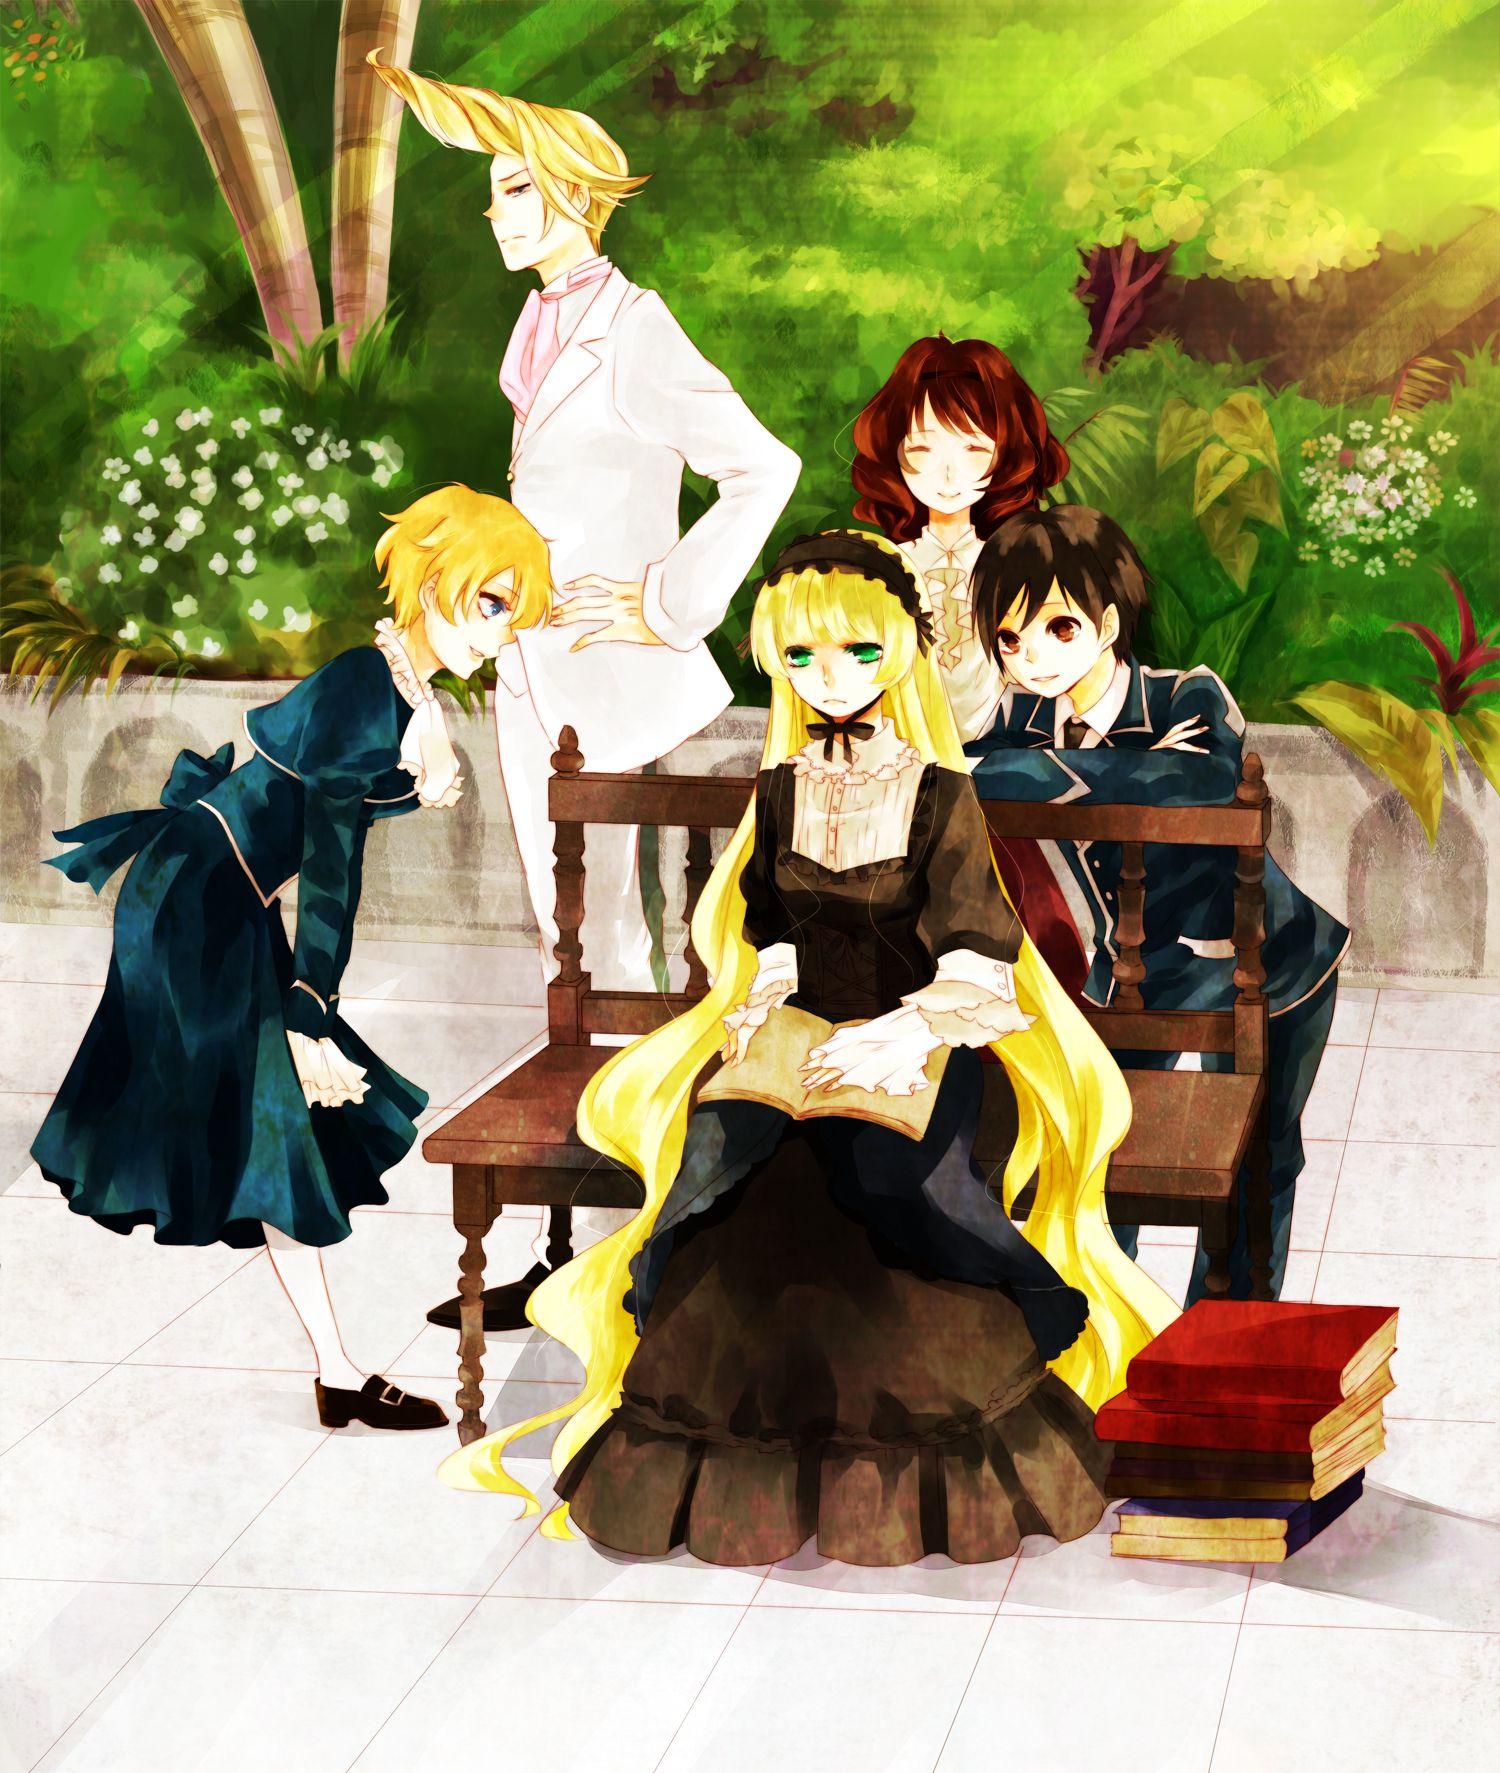 GOSICK/443462 Anime, Anime images, Animation